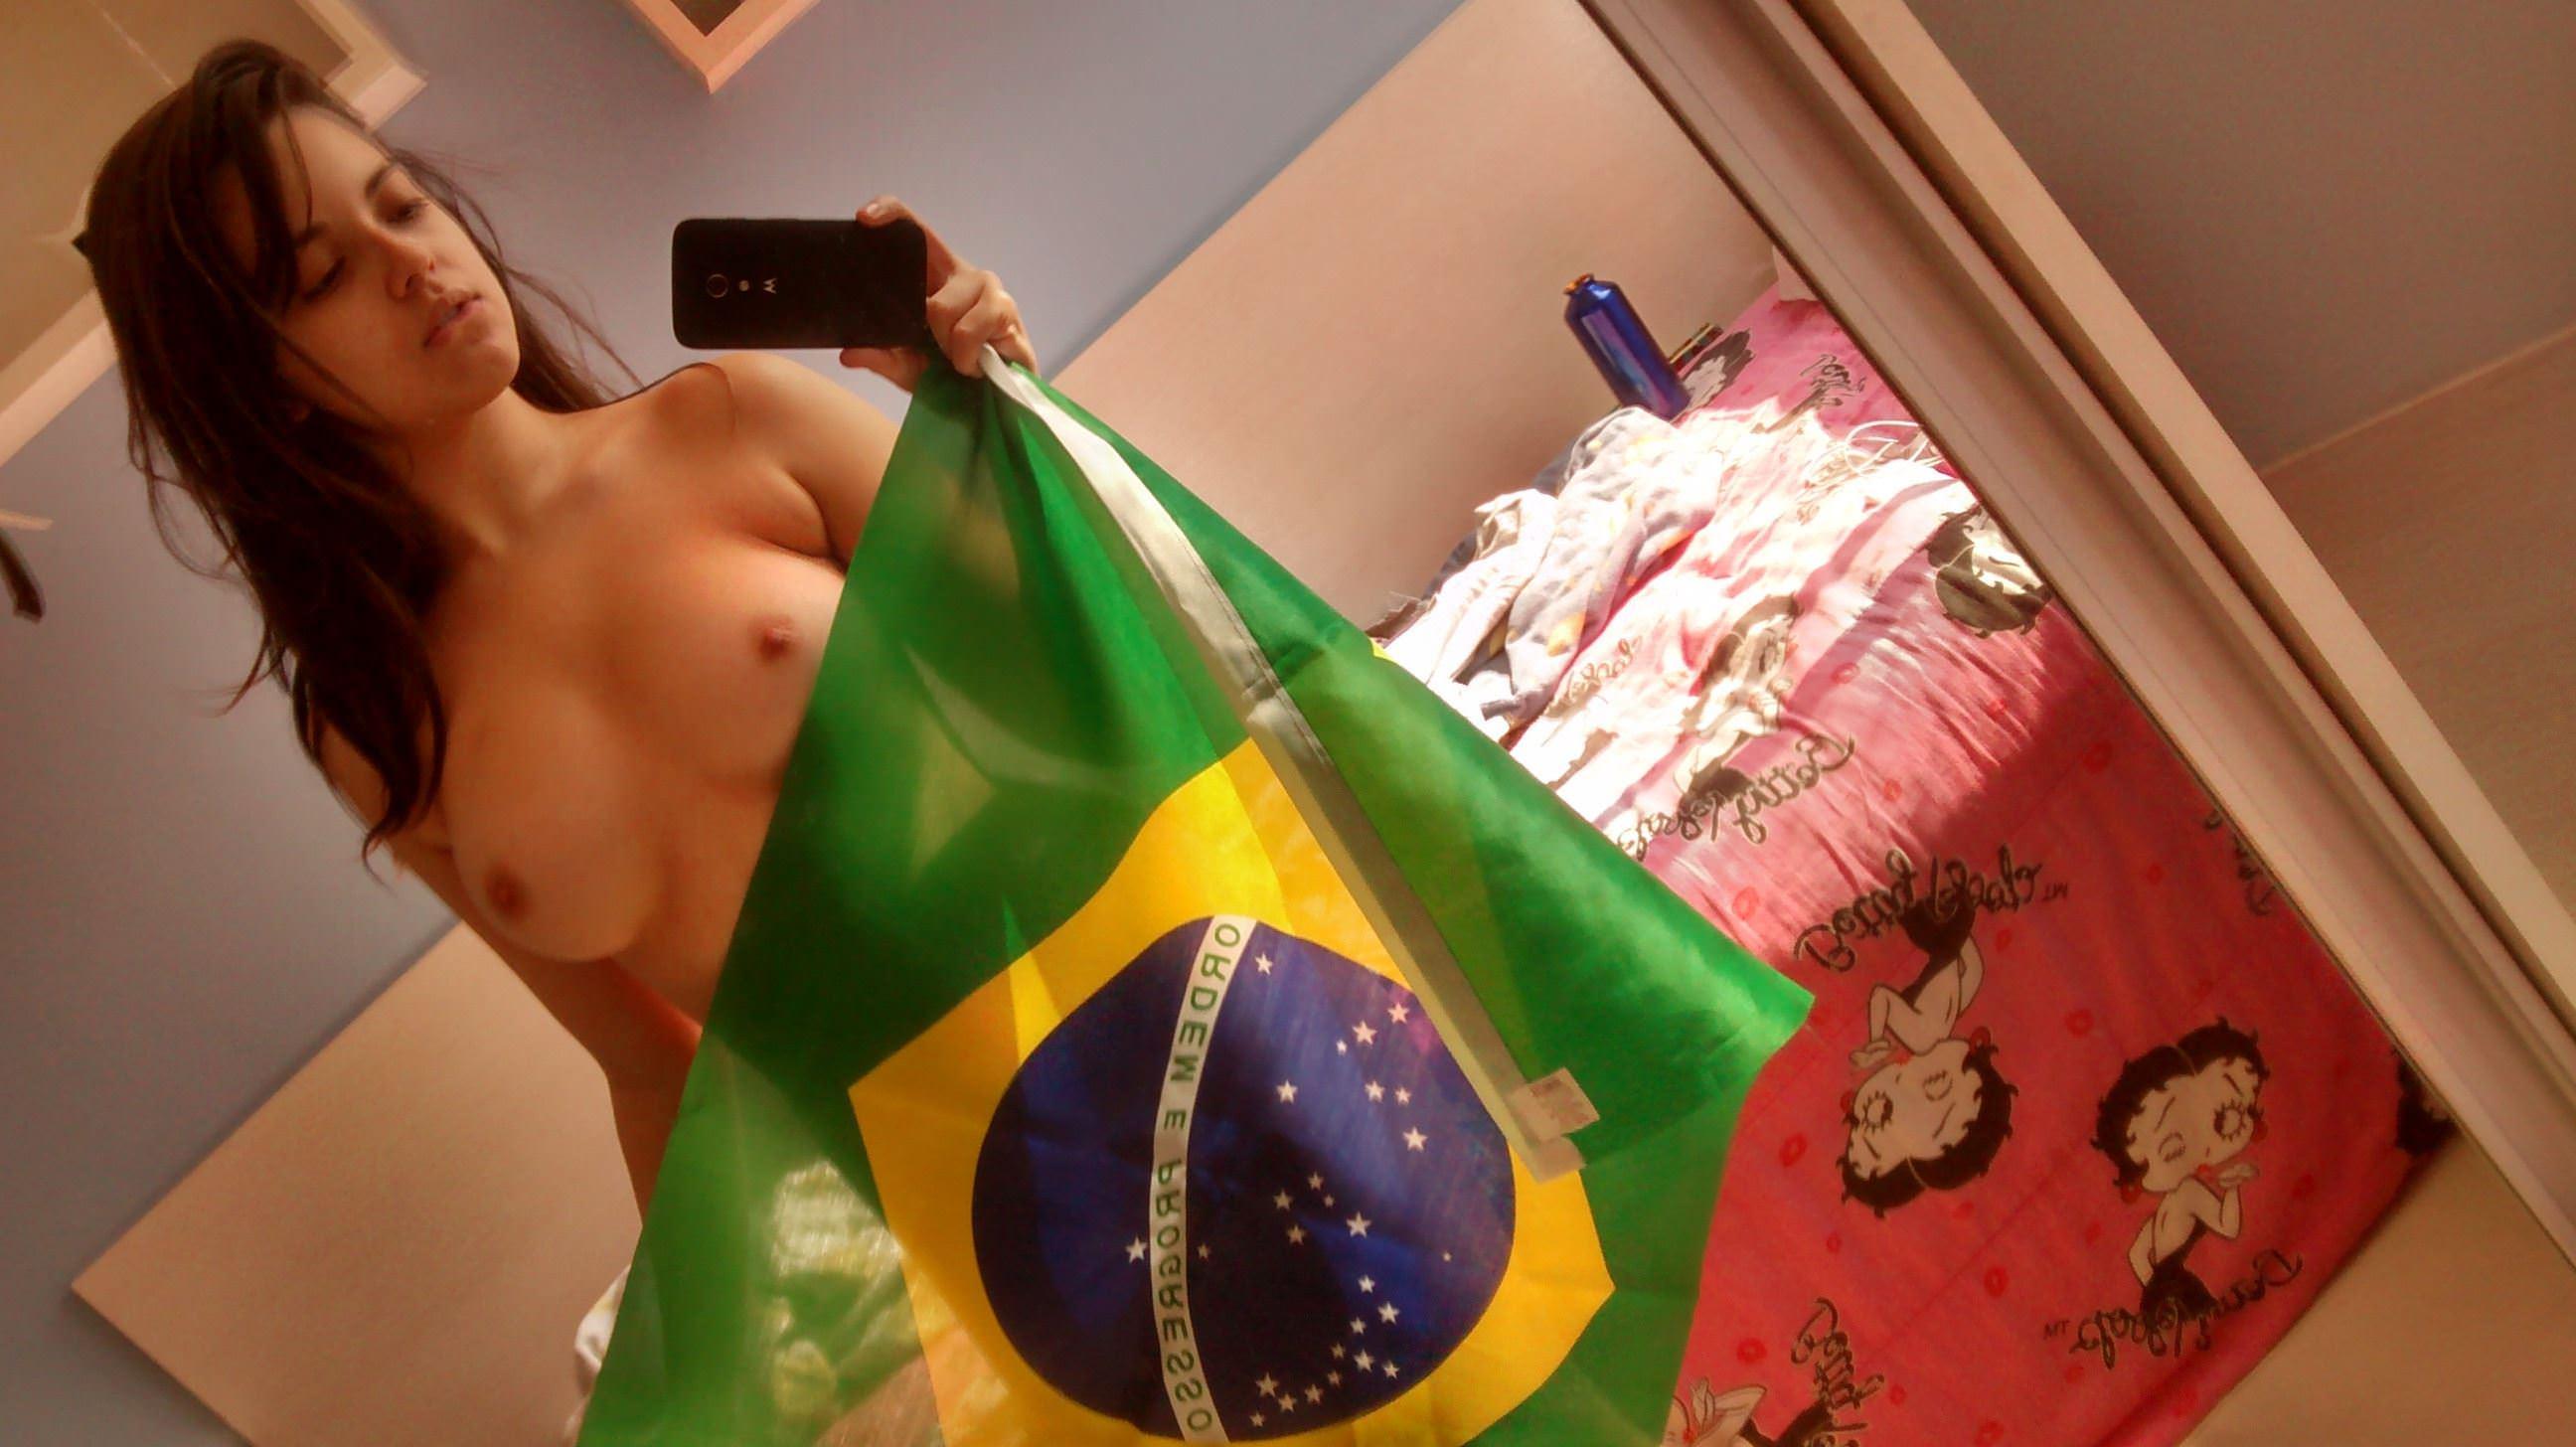 【外人】海外掲示板におまんこパックリ御開帳してさらすブラジル人素人美女の自画撮りポルノ画像 3044